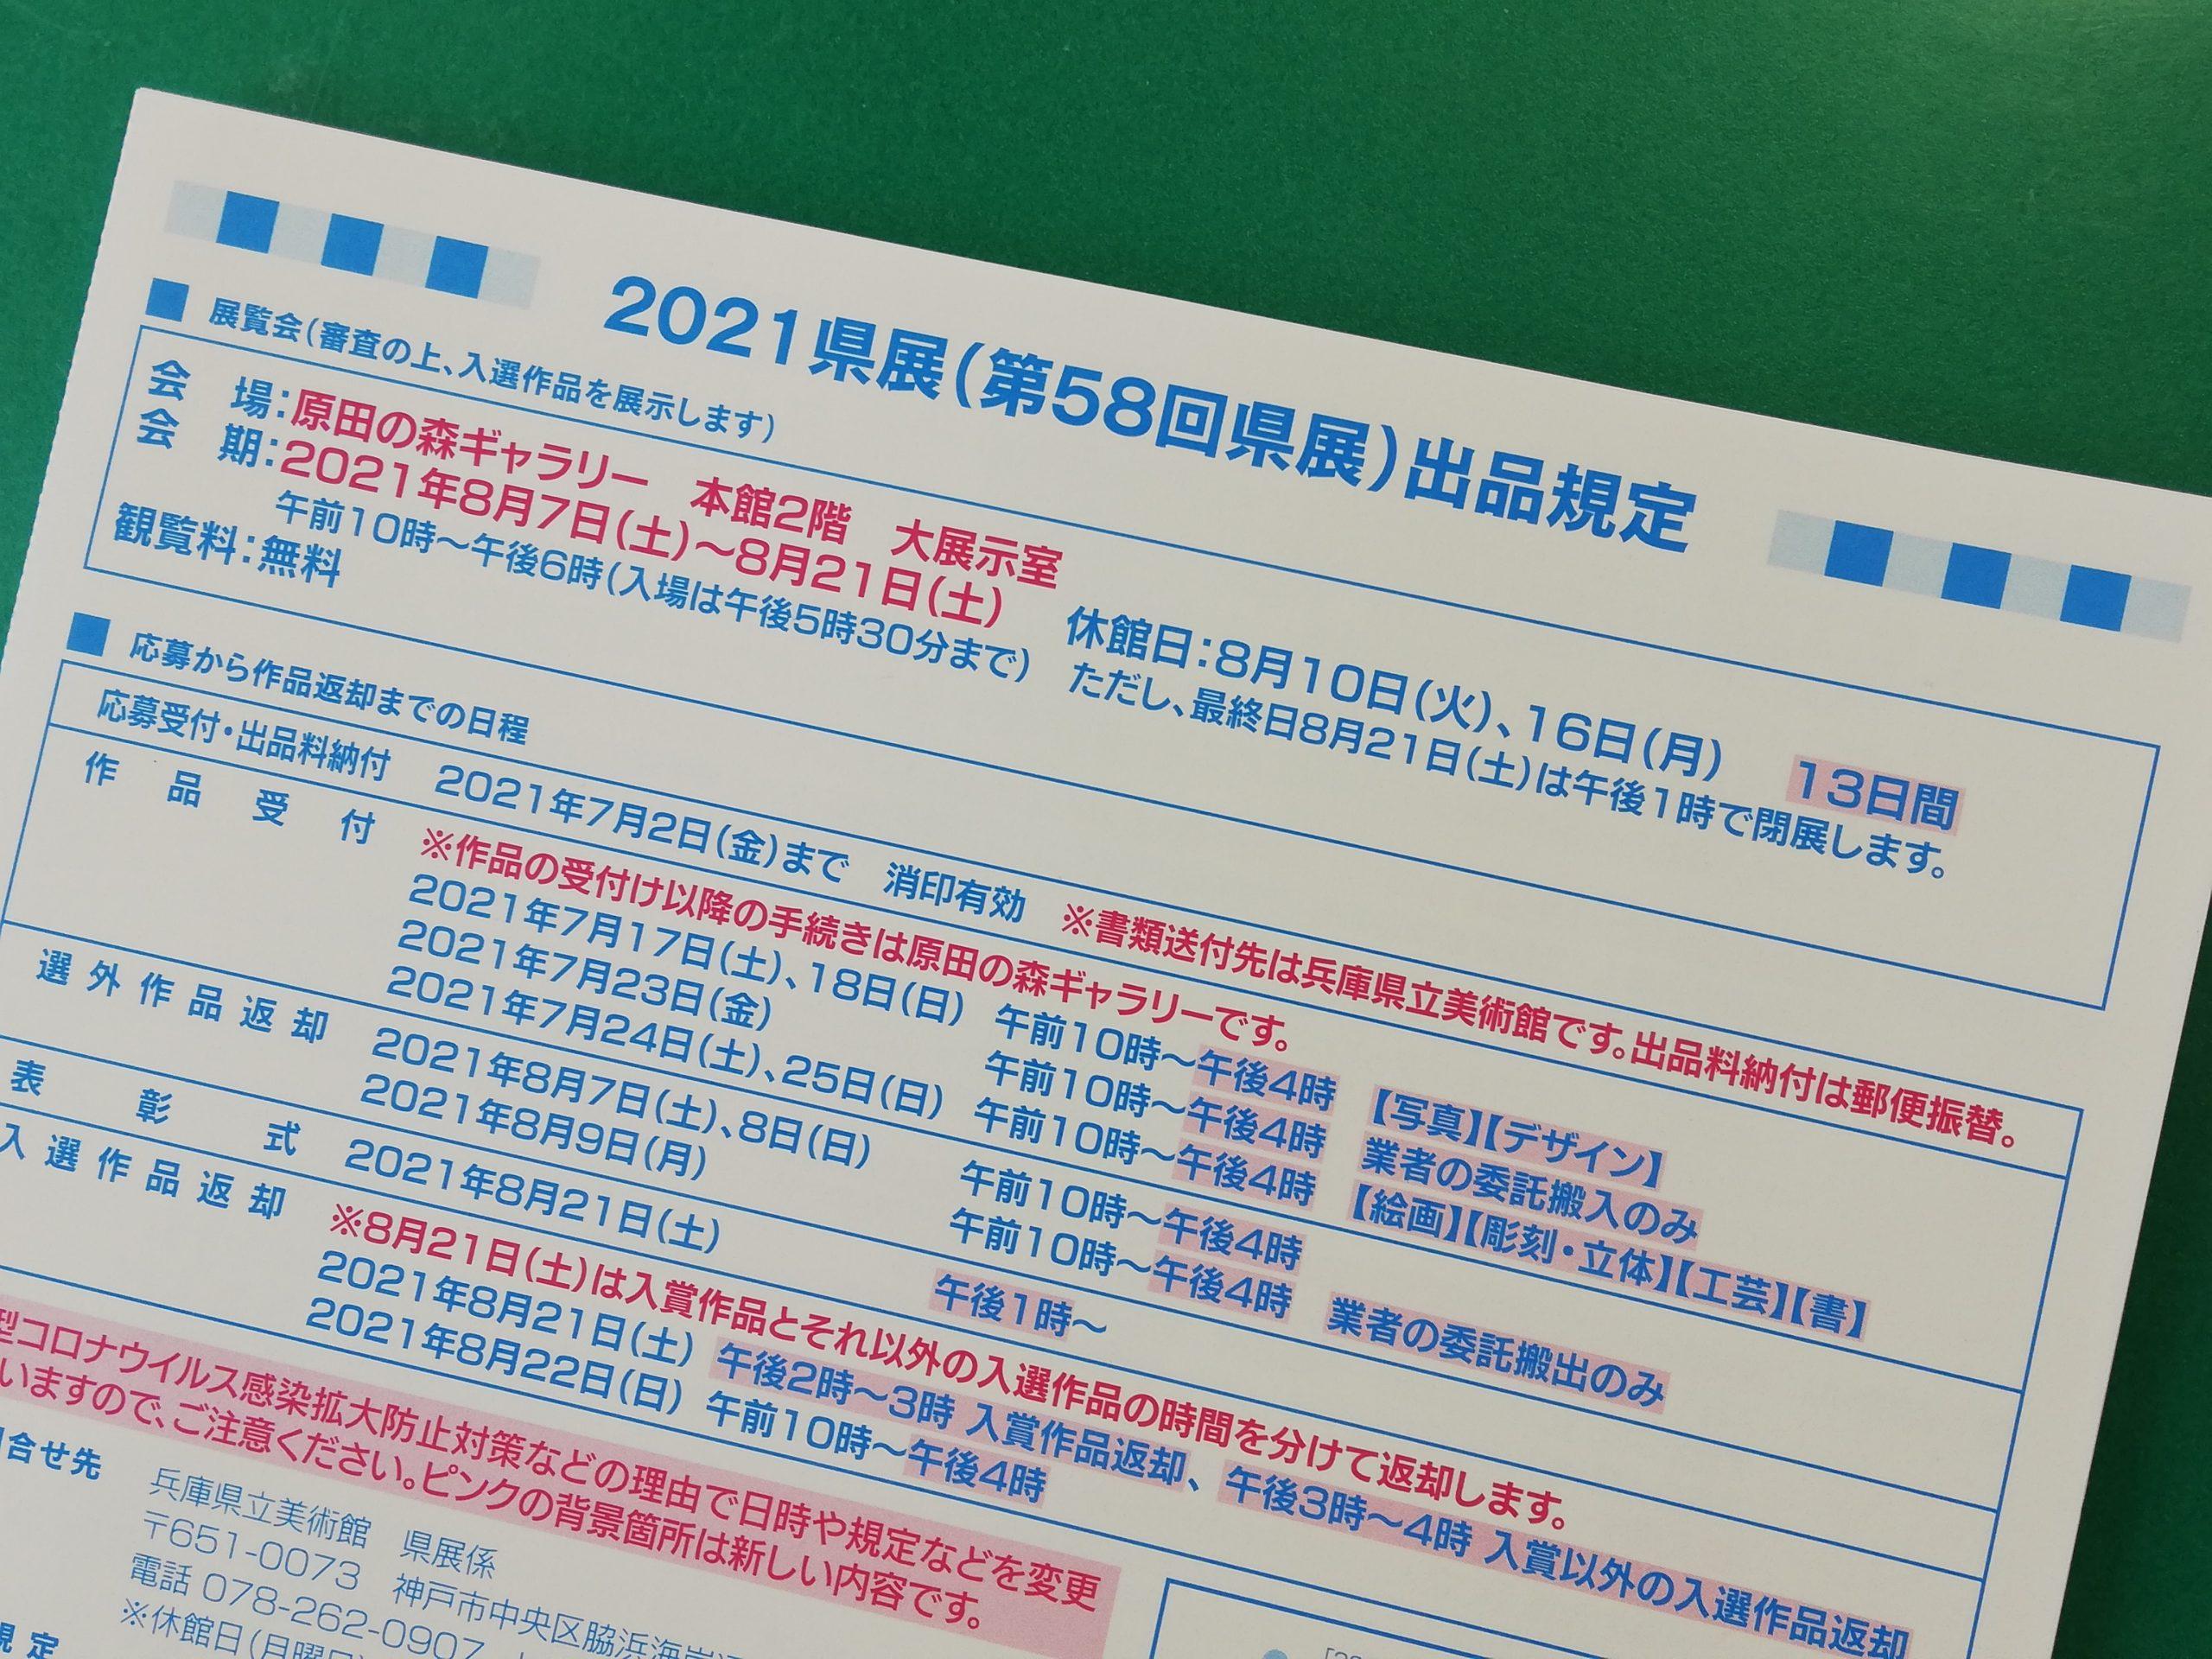 2021県展出品規定